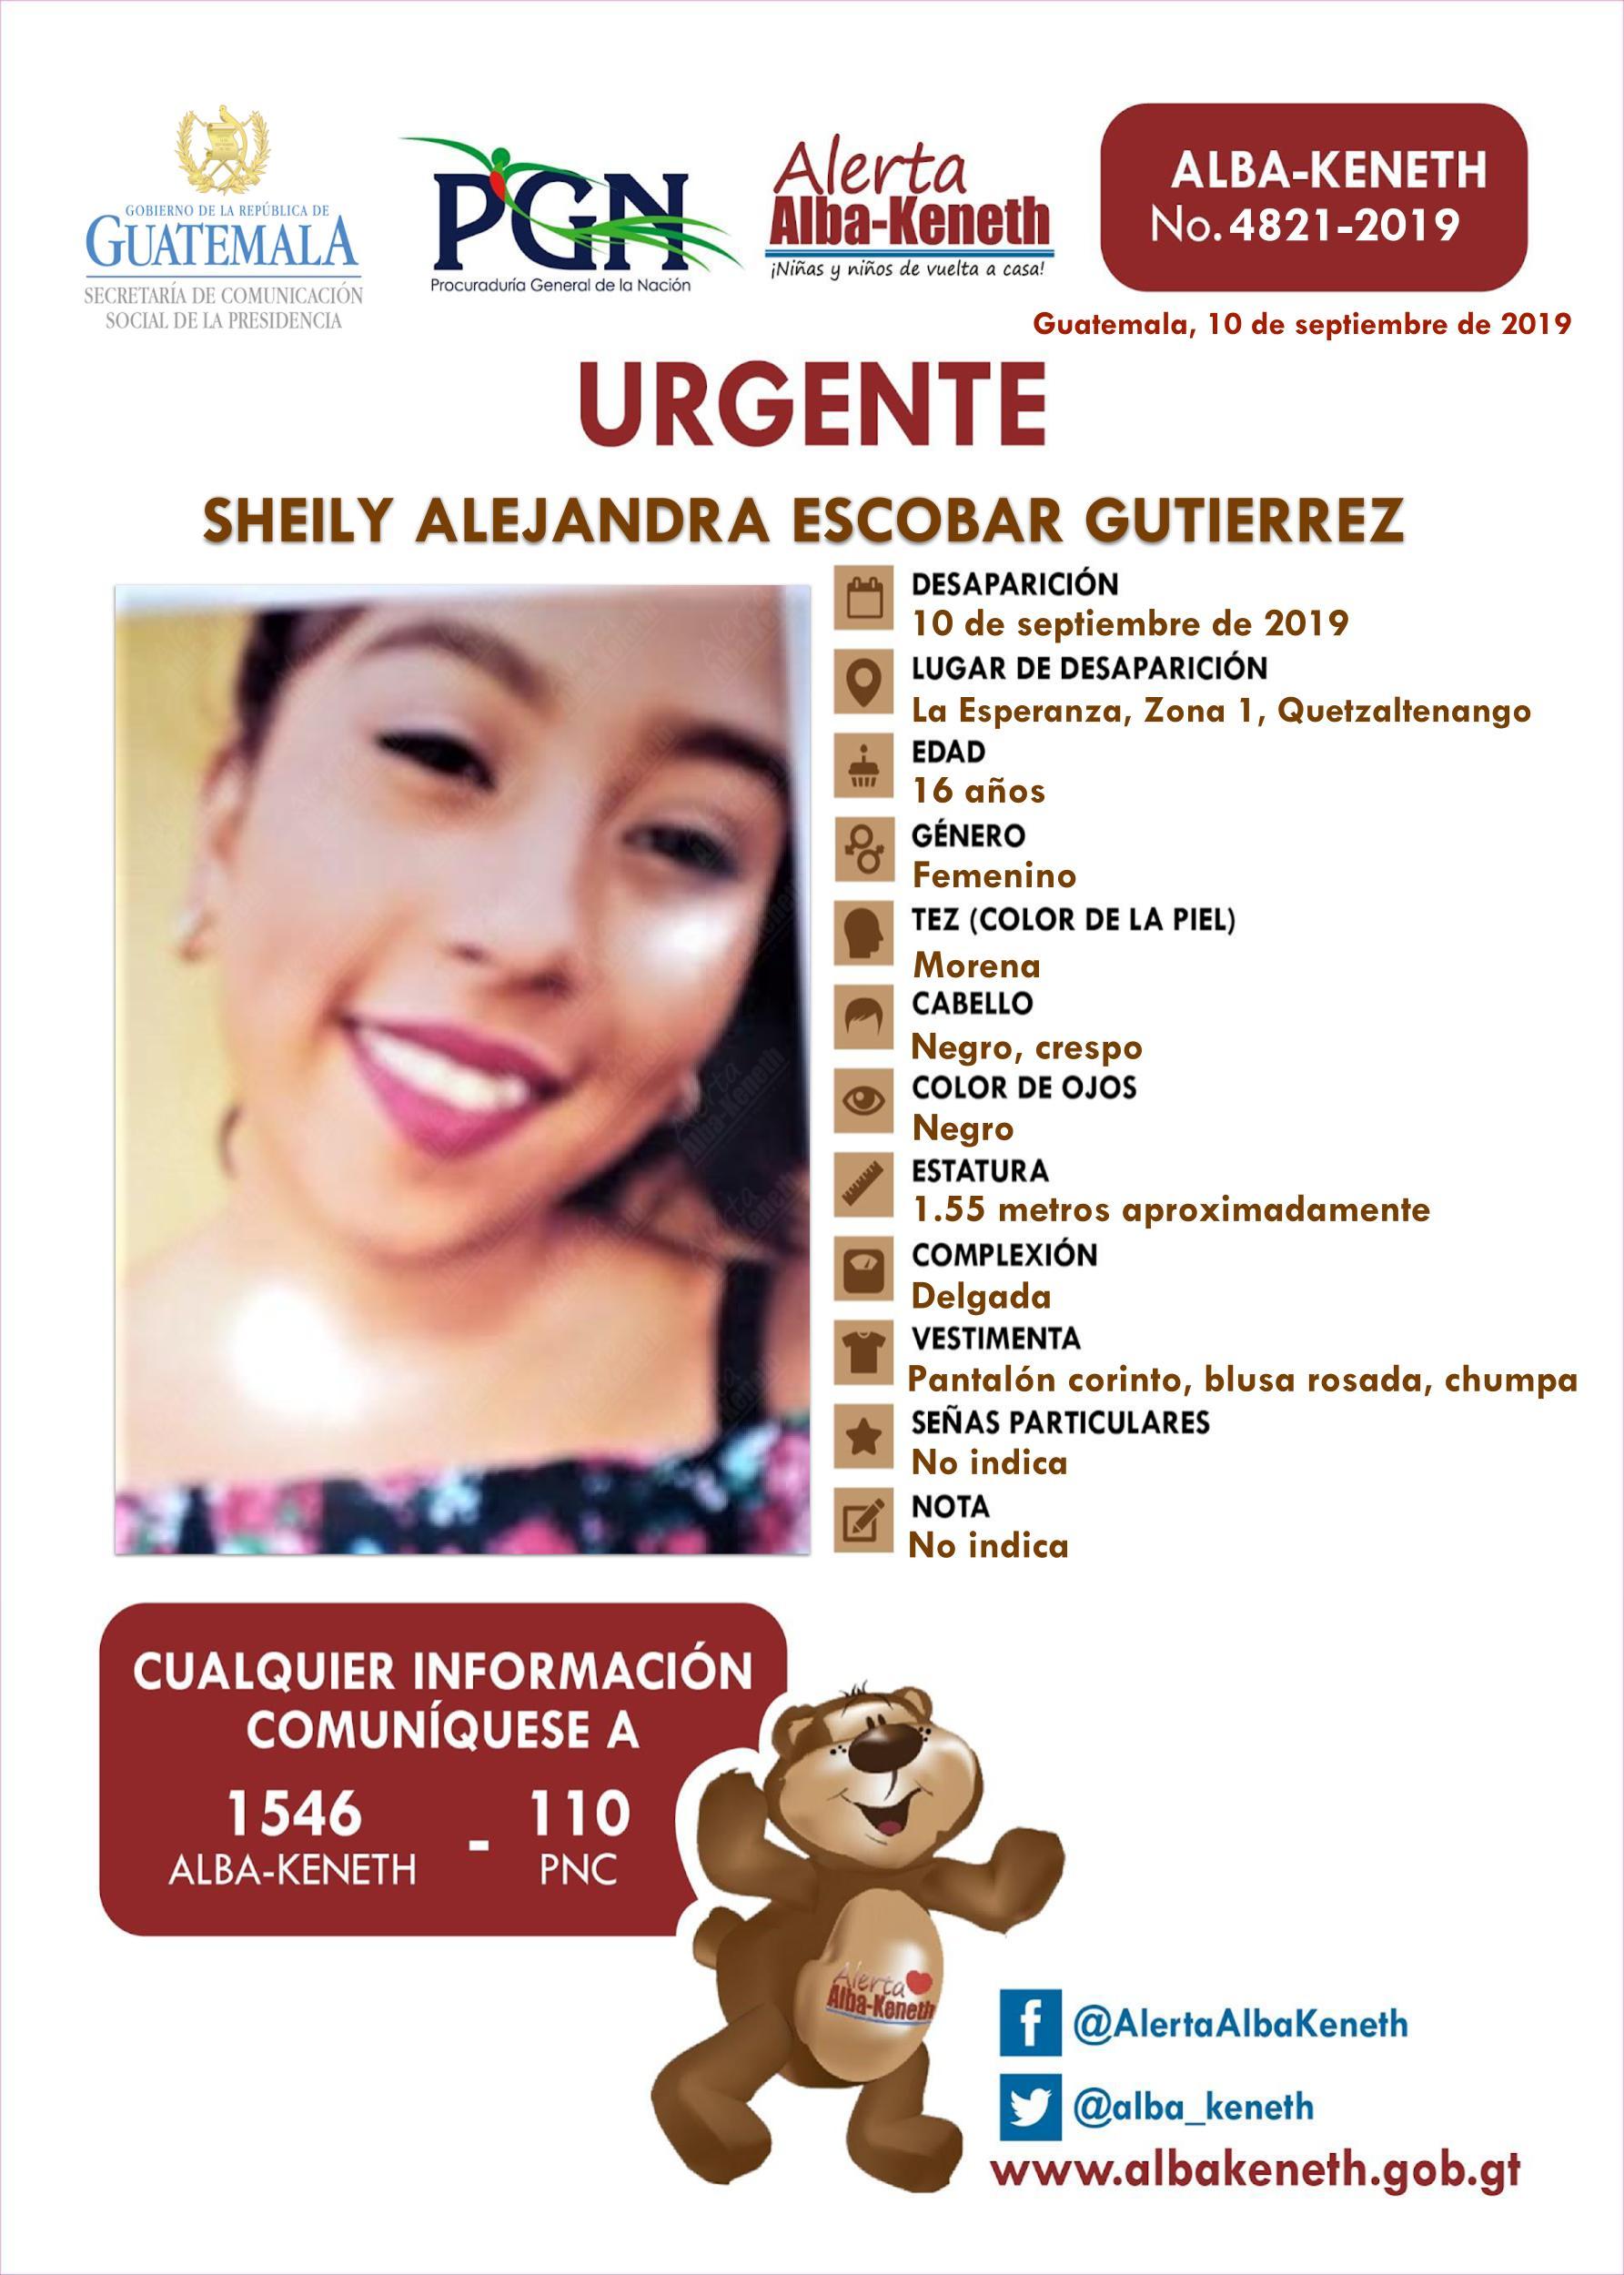 Sheily Alejandra Escobar Gutierrez